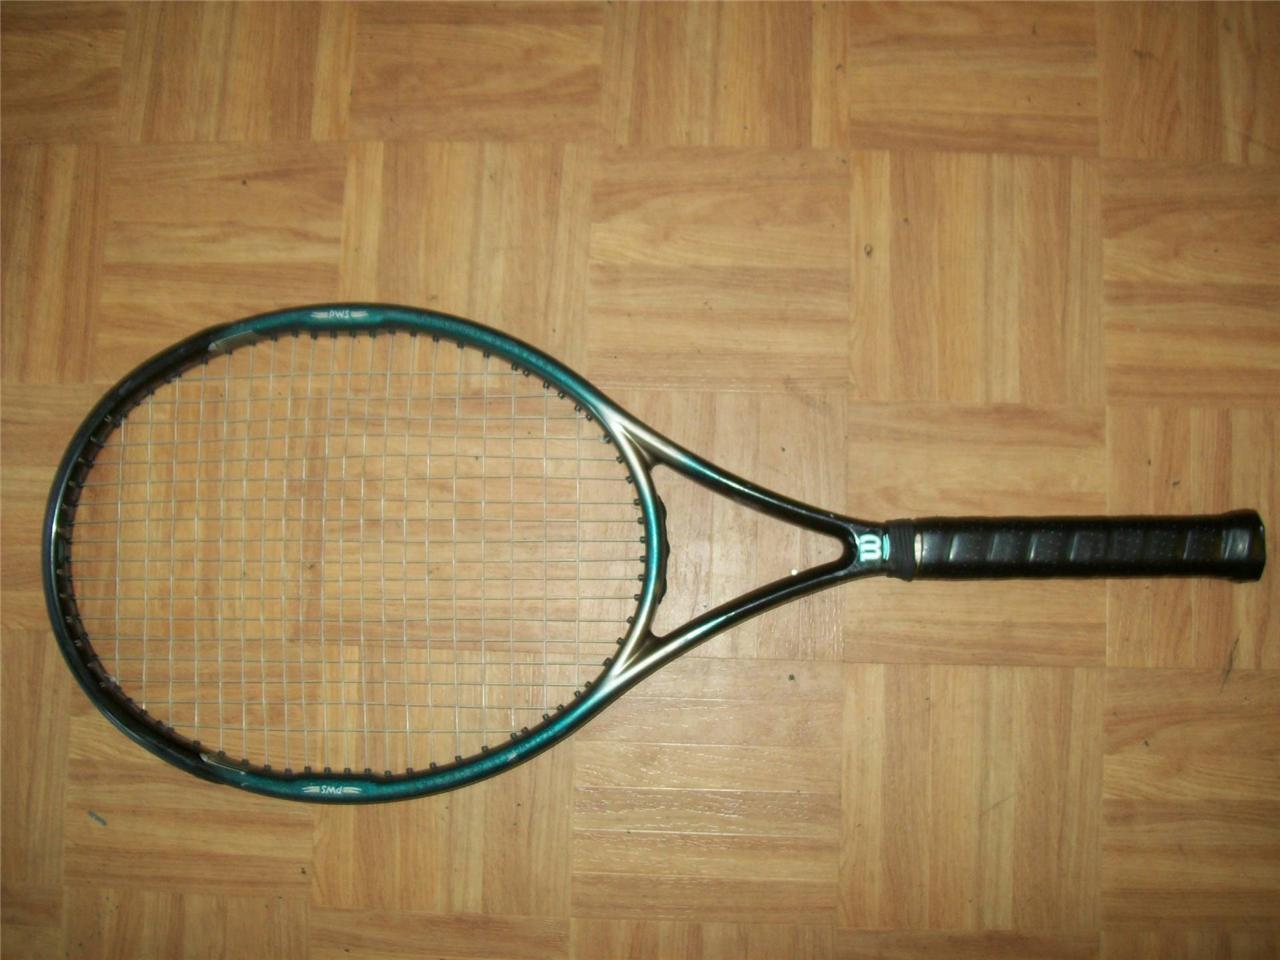 Wilson Hammer 5.0 Stretch OS 110 4 Racquet 1/4 grip Tennis Racquet 4 95fcba